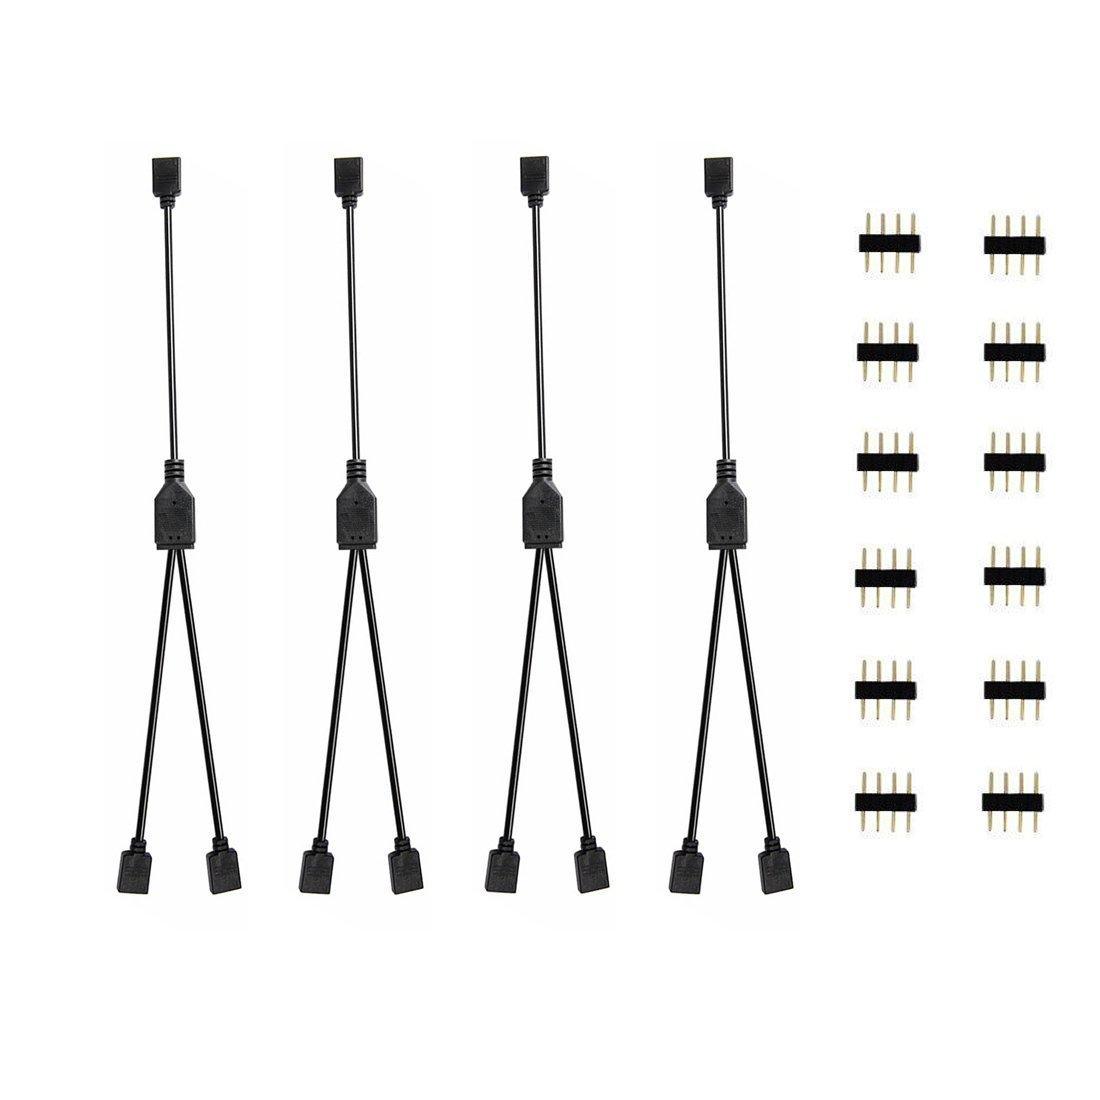 Buy 2 Pcs Black 4 Way Led Rgb Splitter Cable 4 Pin Rgb Led